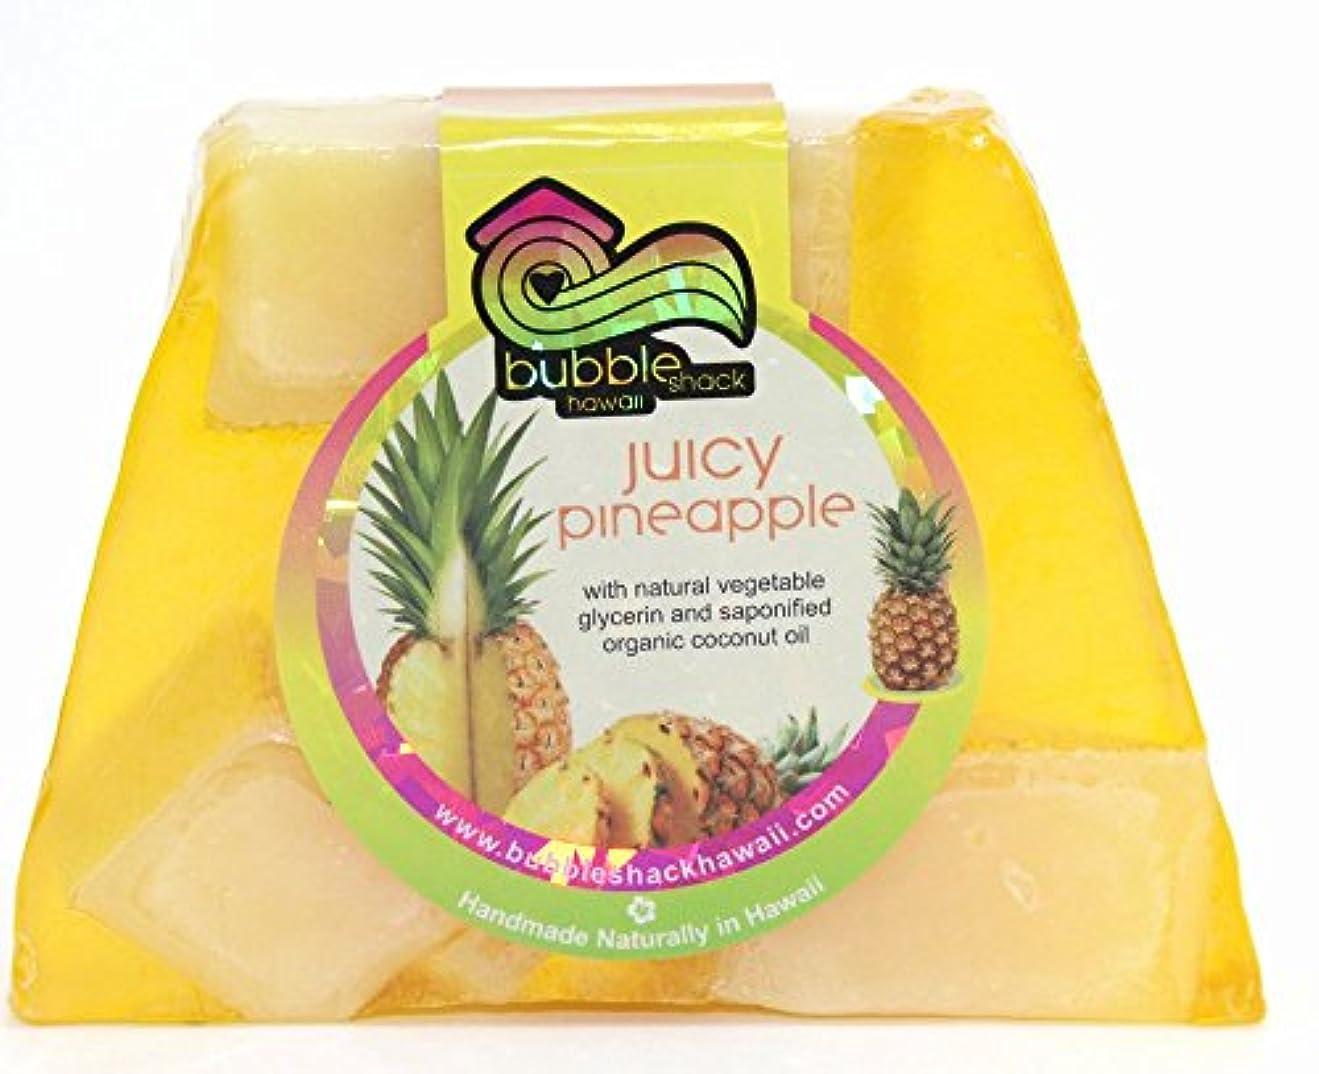 パケット要求する運ぶハワイ お土産 ハワイアン雑貨 バブルシャック パイナップル チャンクソープ 石鹸 (パイナップル) ハワイ雑貨